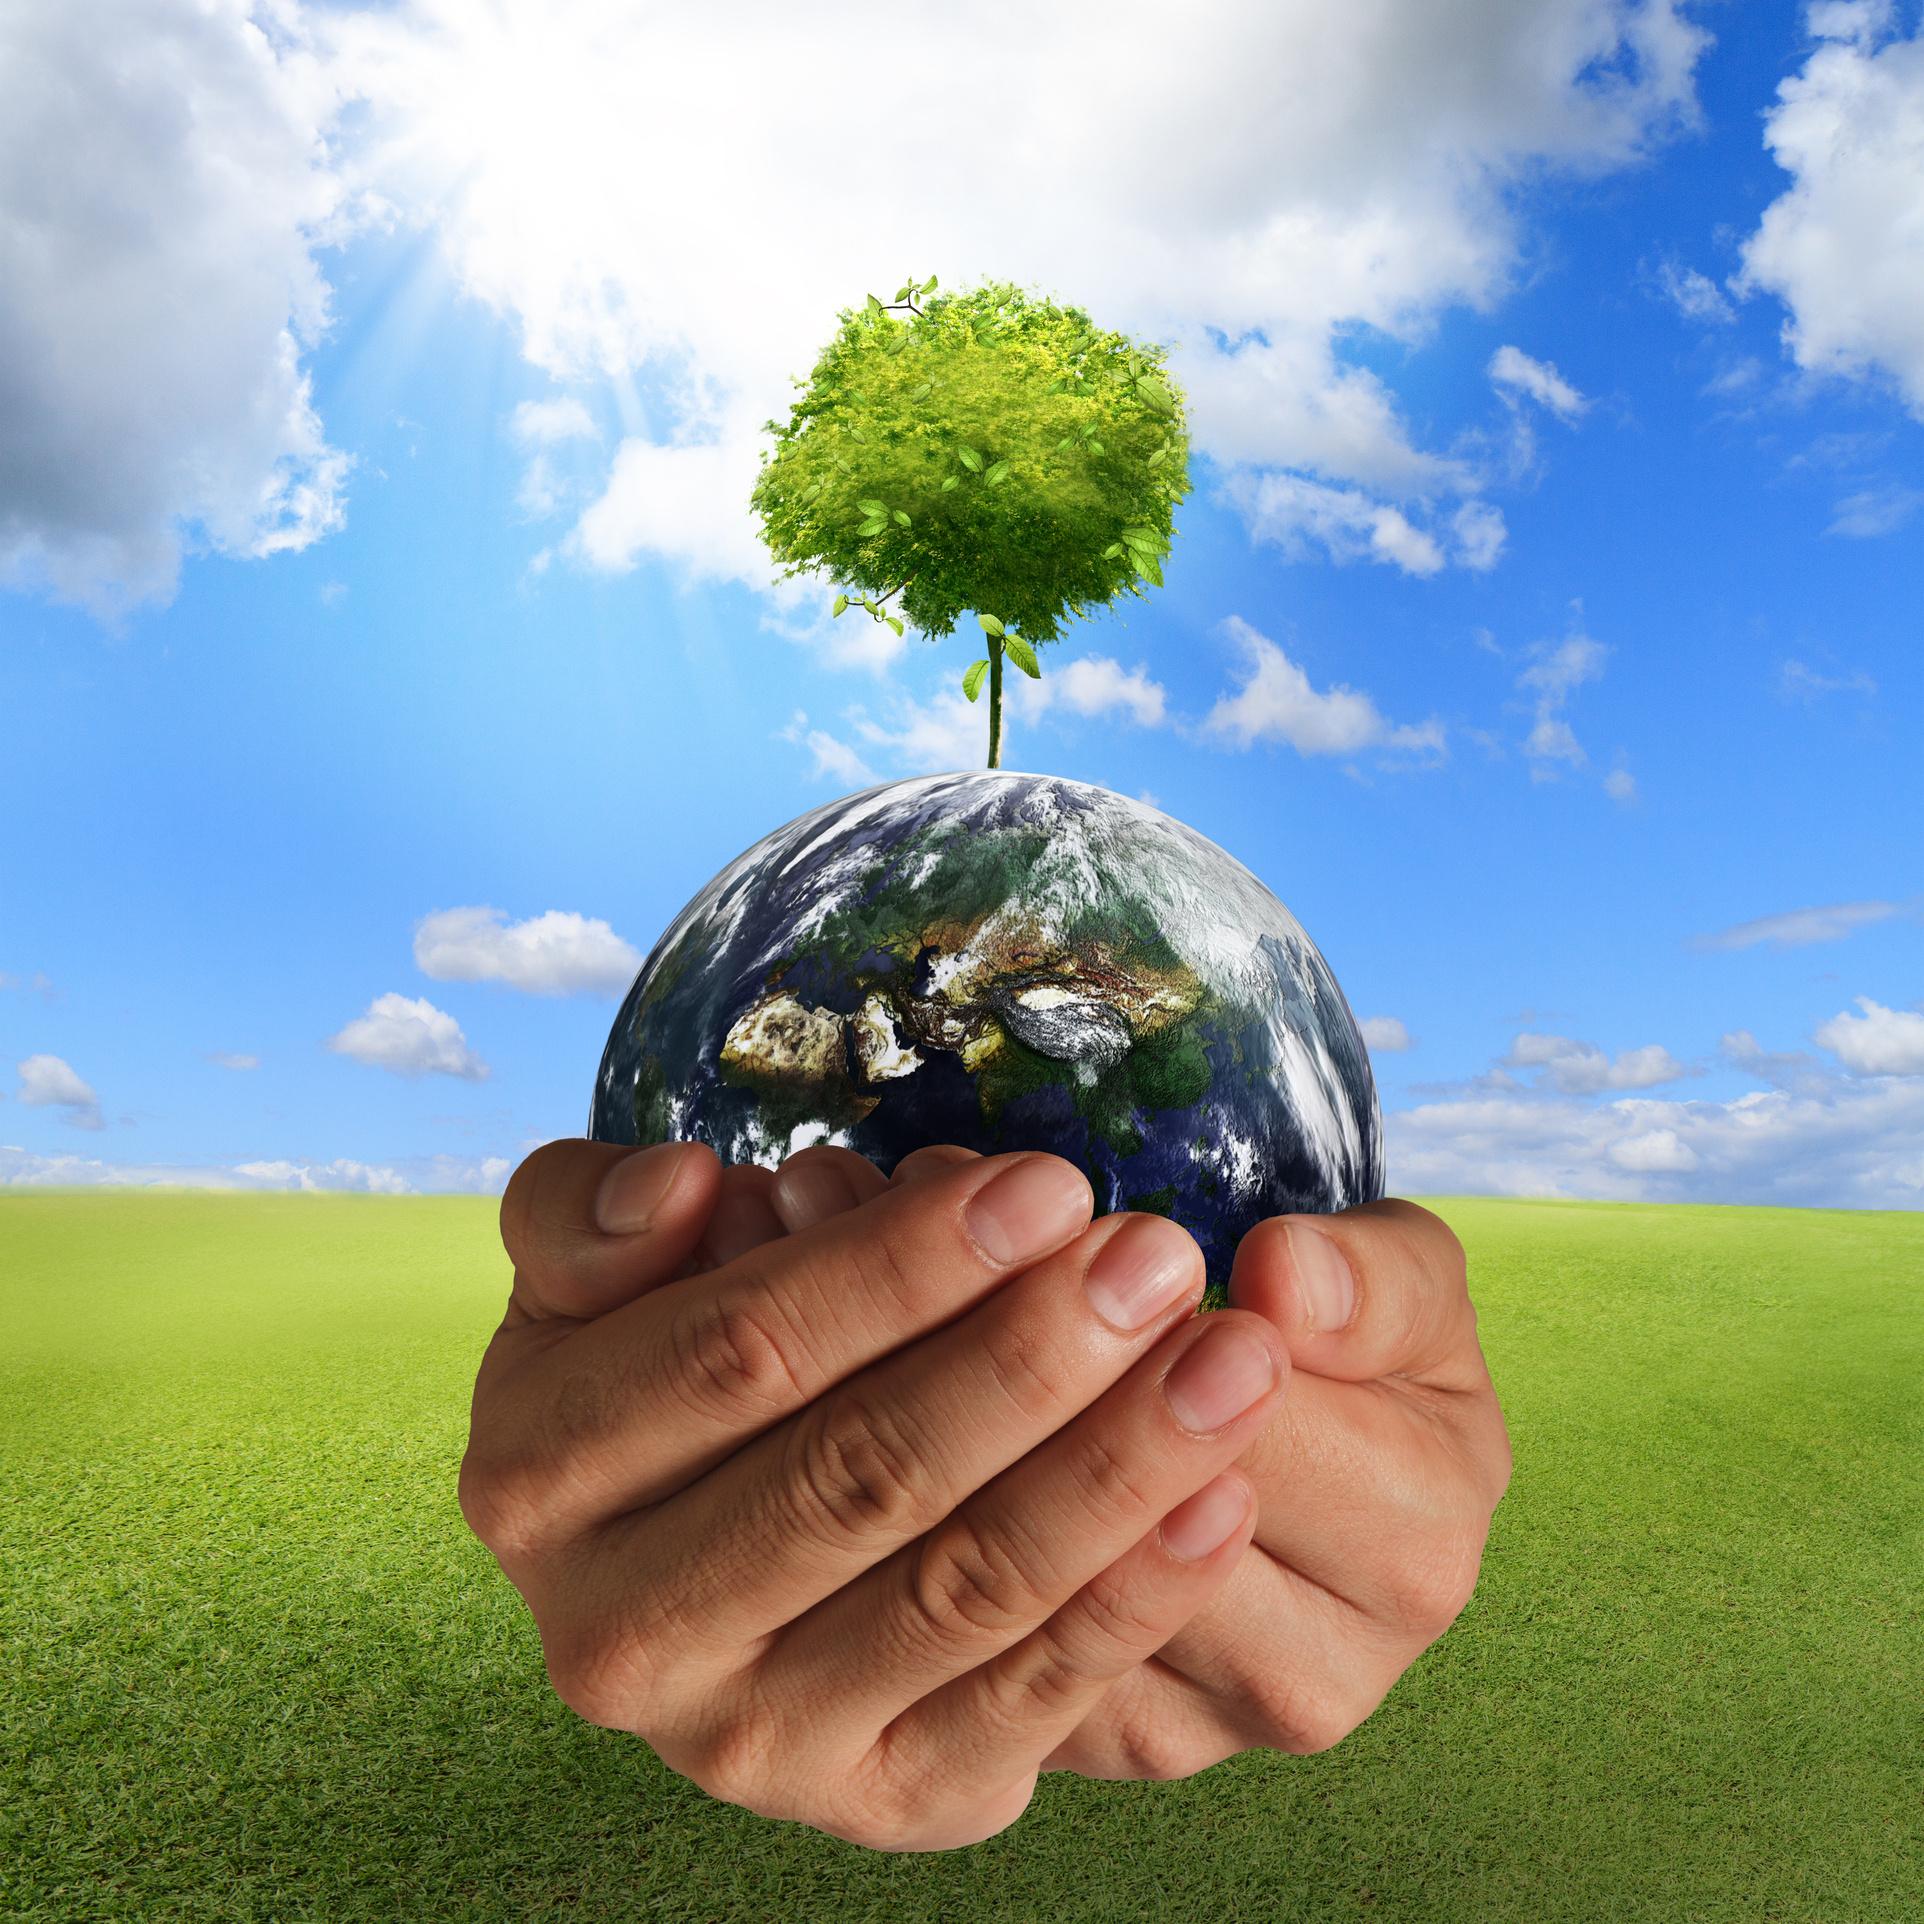 Am 5. Juni ist der Tag der Umwelt   Industrieverband Agrar